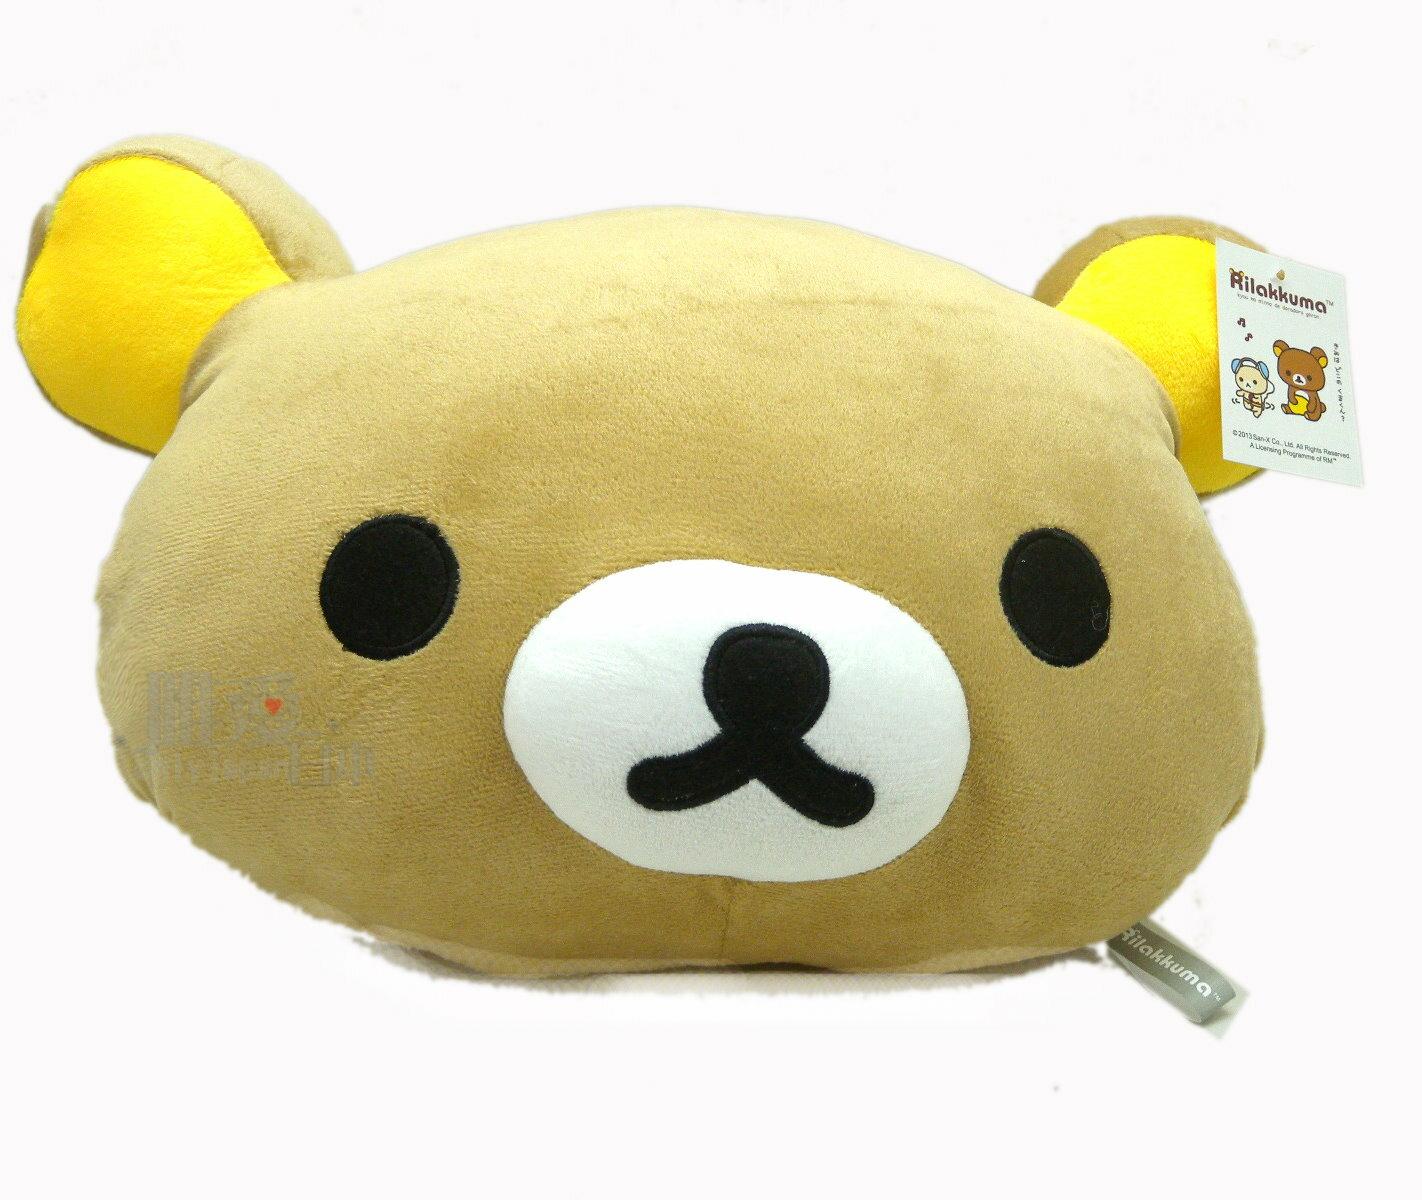 【唯愛日本】14010100018 懶熊頭型暖手抱枕50cm SAN-X 懶熊 奶妹 奶熊 暖手枕 抱枕 靠枕